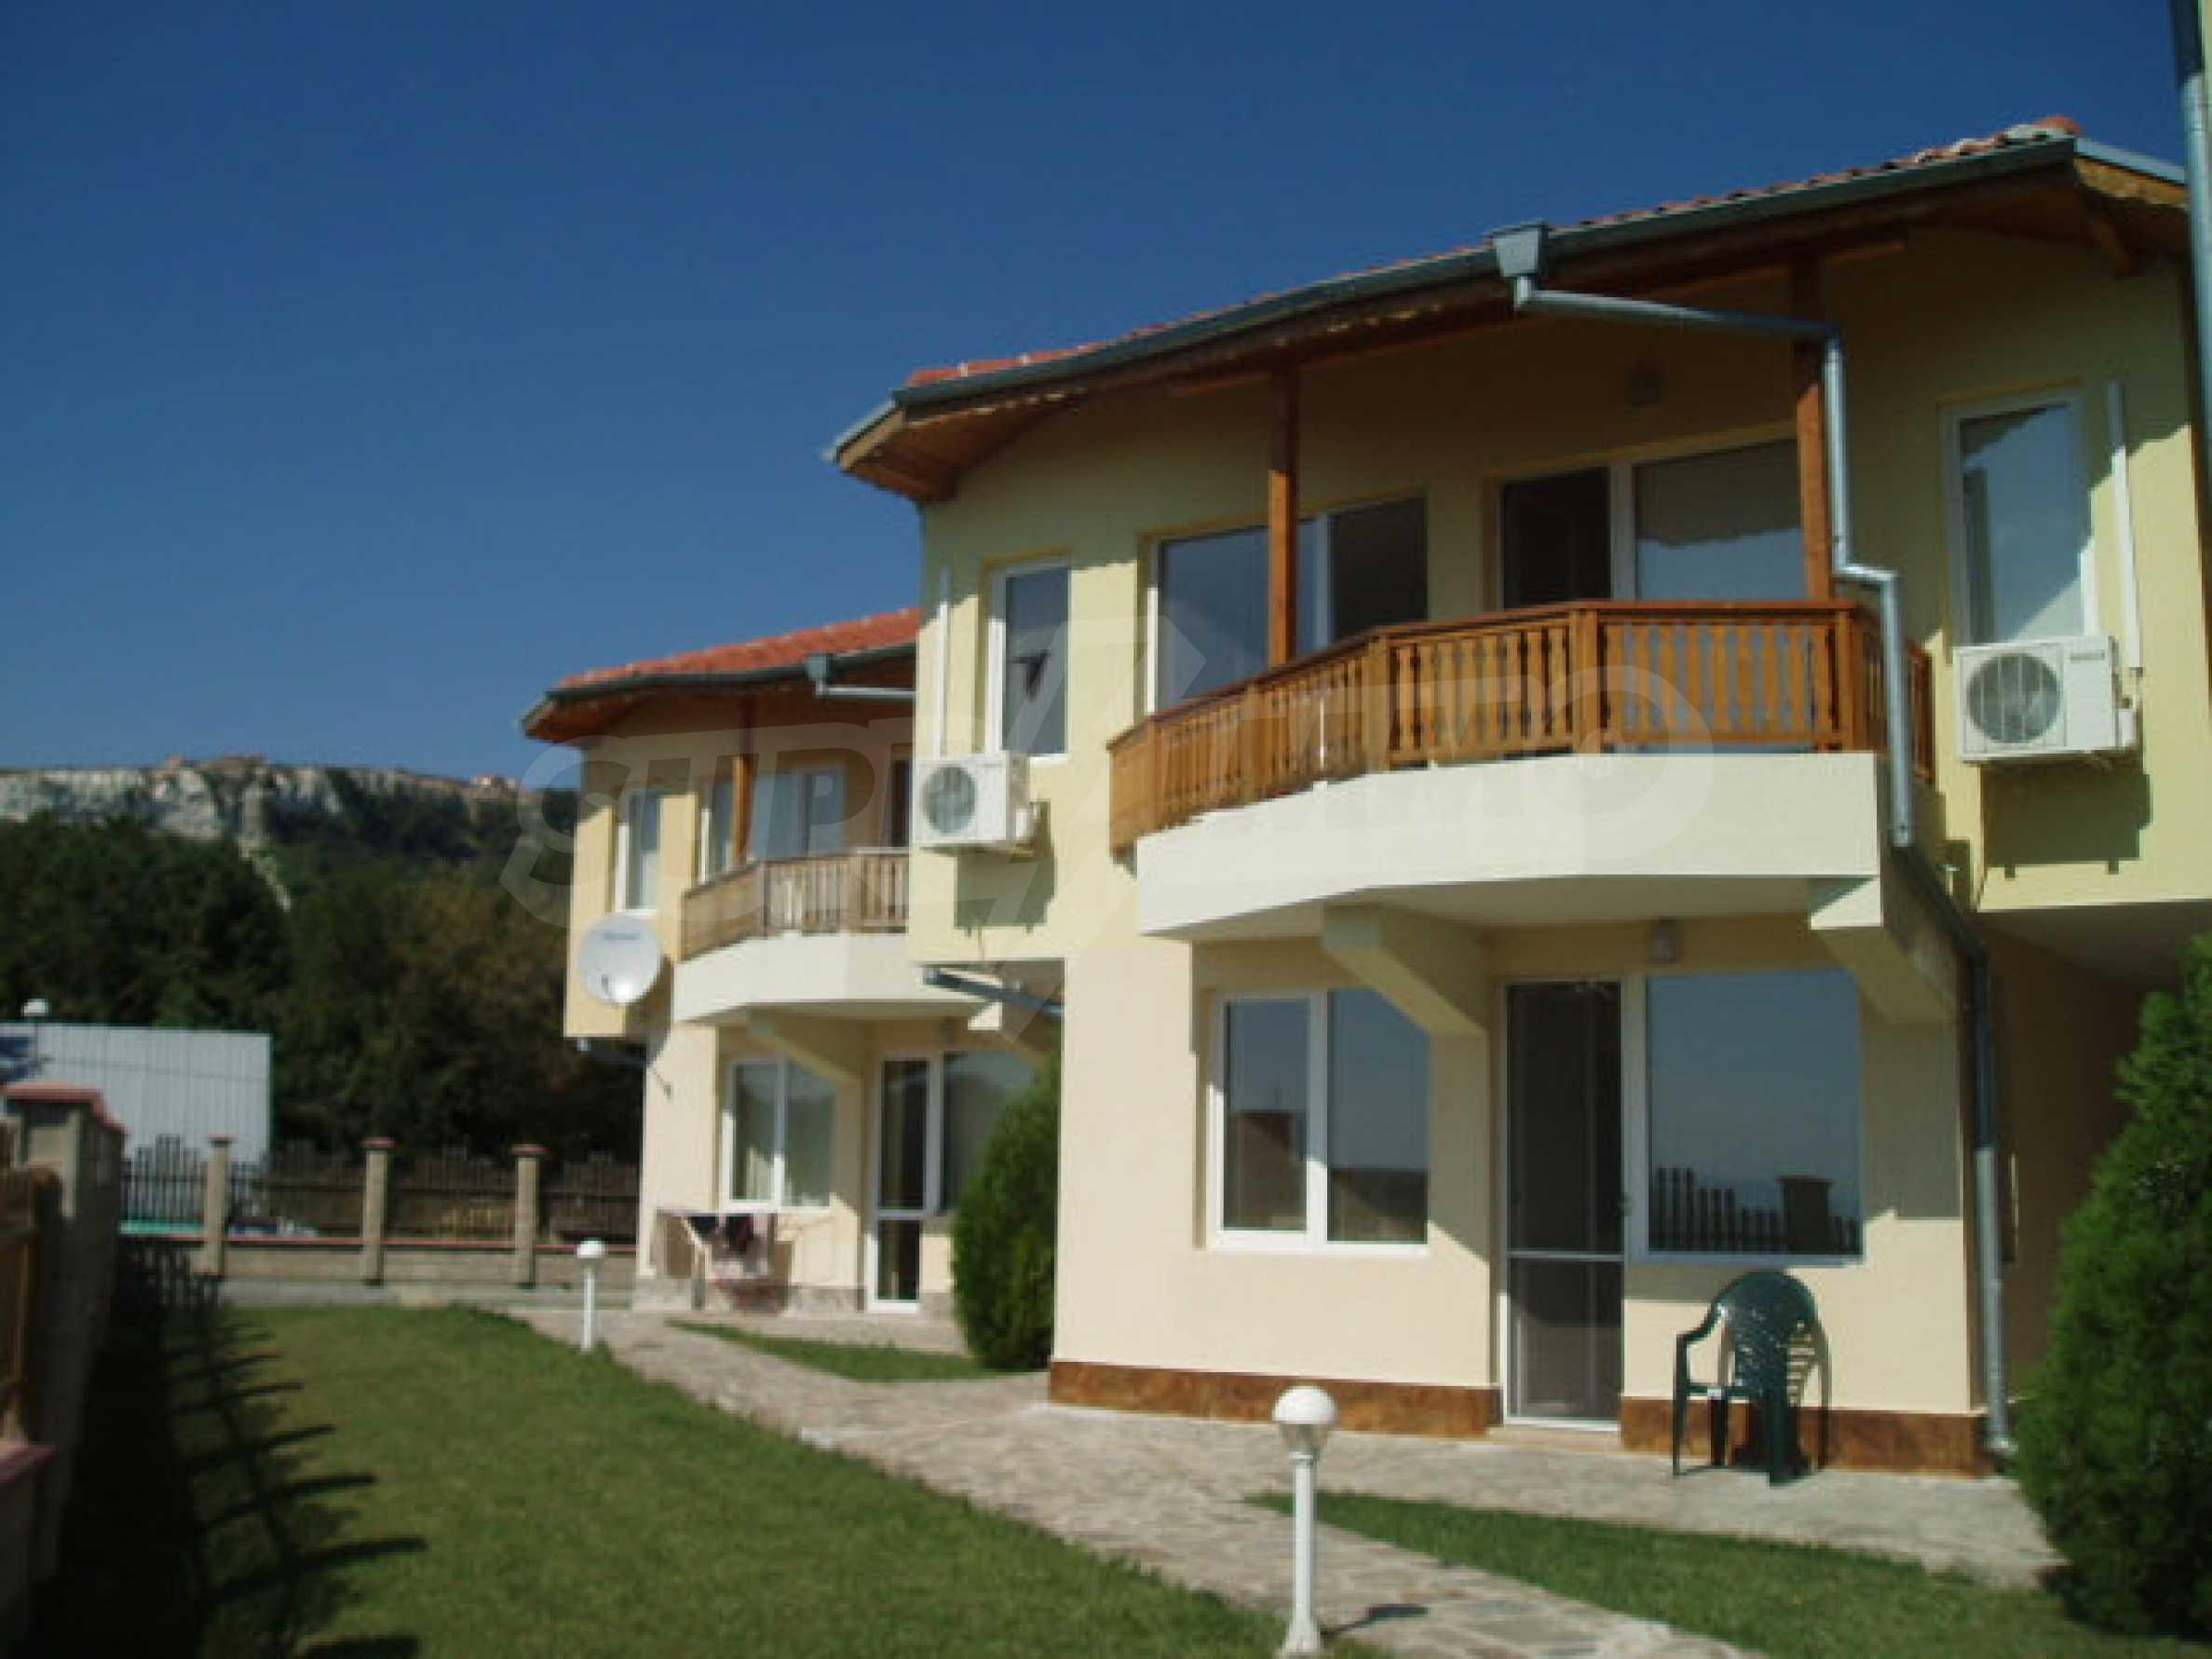 A villa near the beach